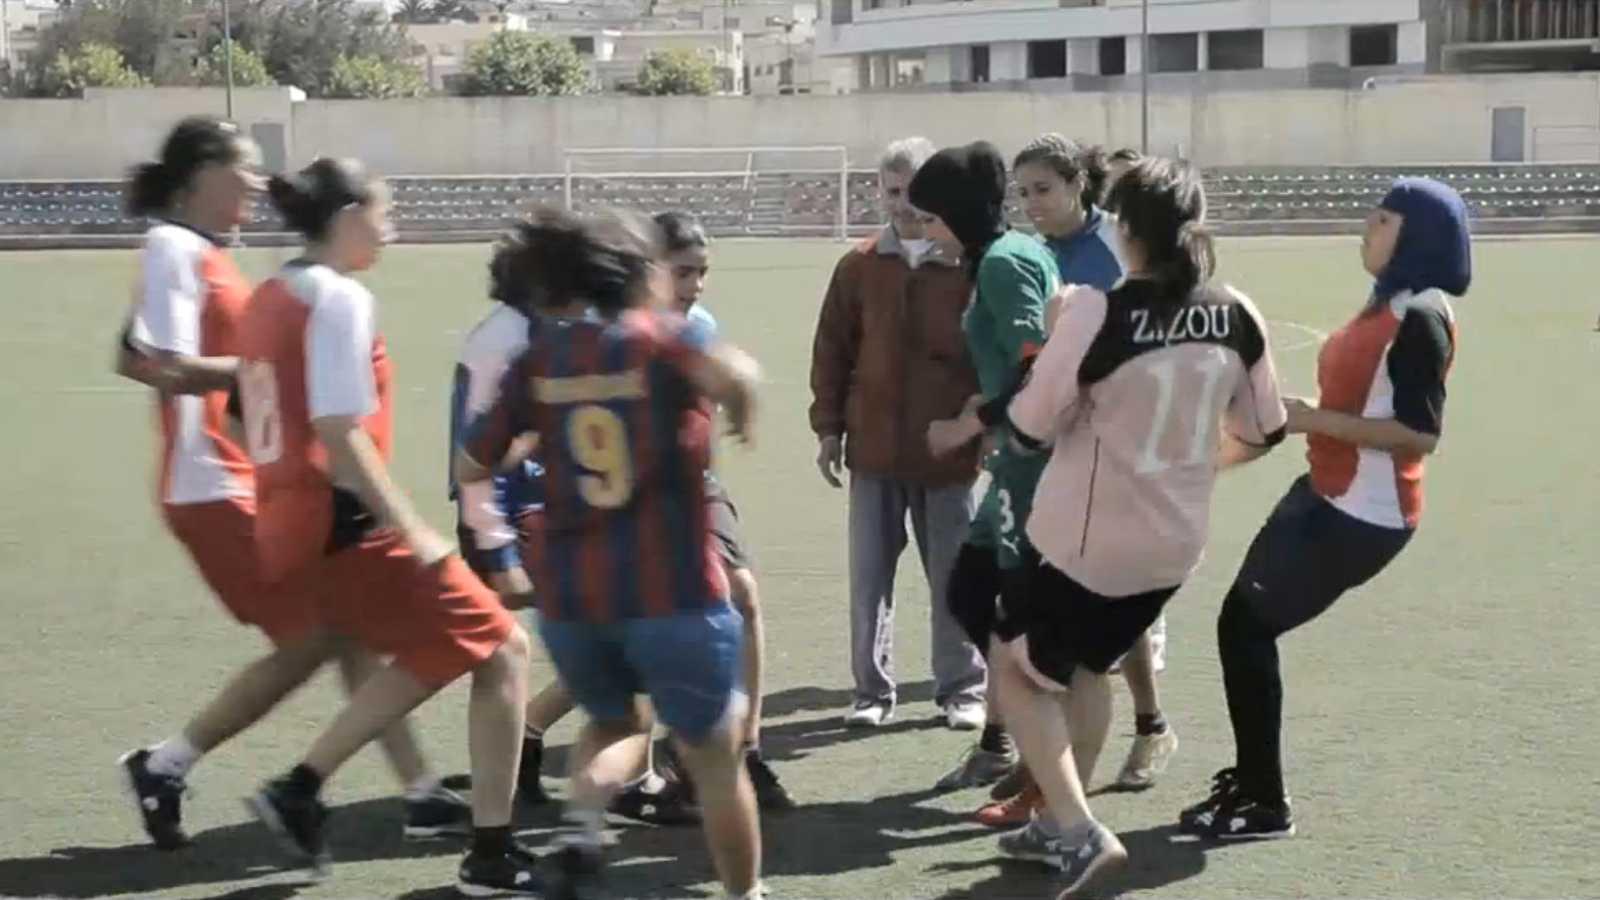 Punto de enlace - 'Tánger gool', un documental que habla de los sueños de un grupo de mujeres tangerinas - 27/10/15 - escuchar ahora